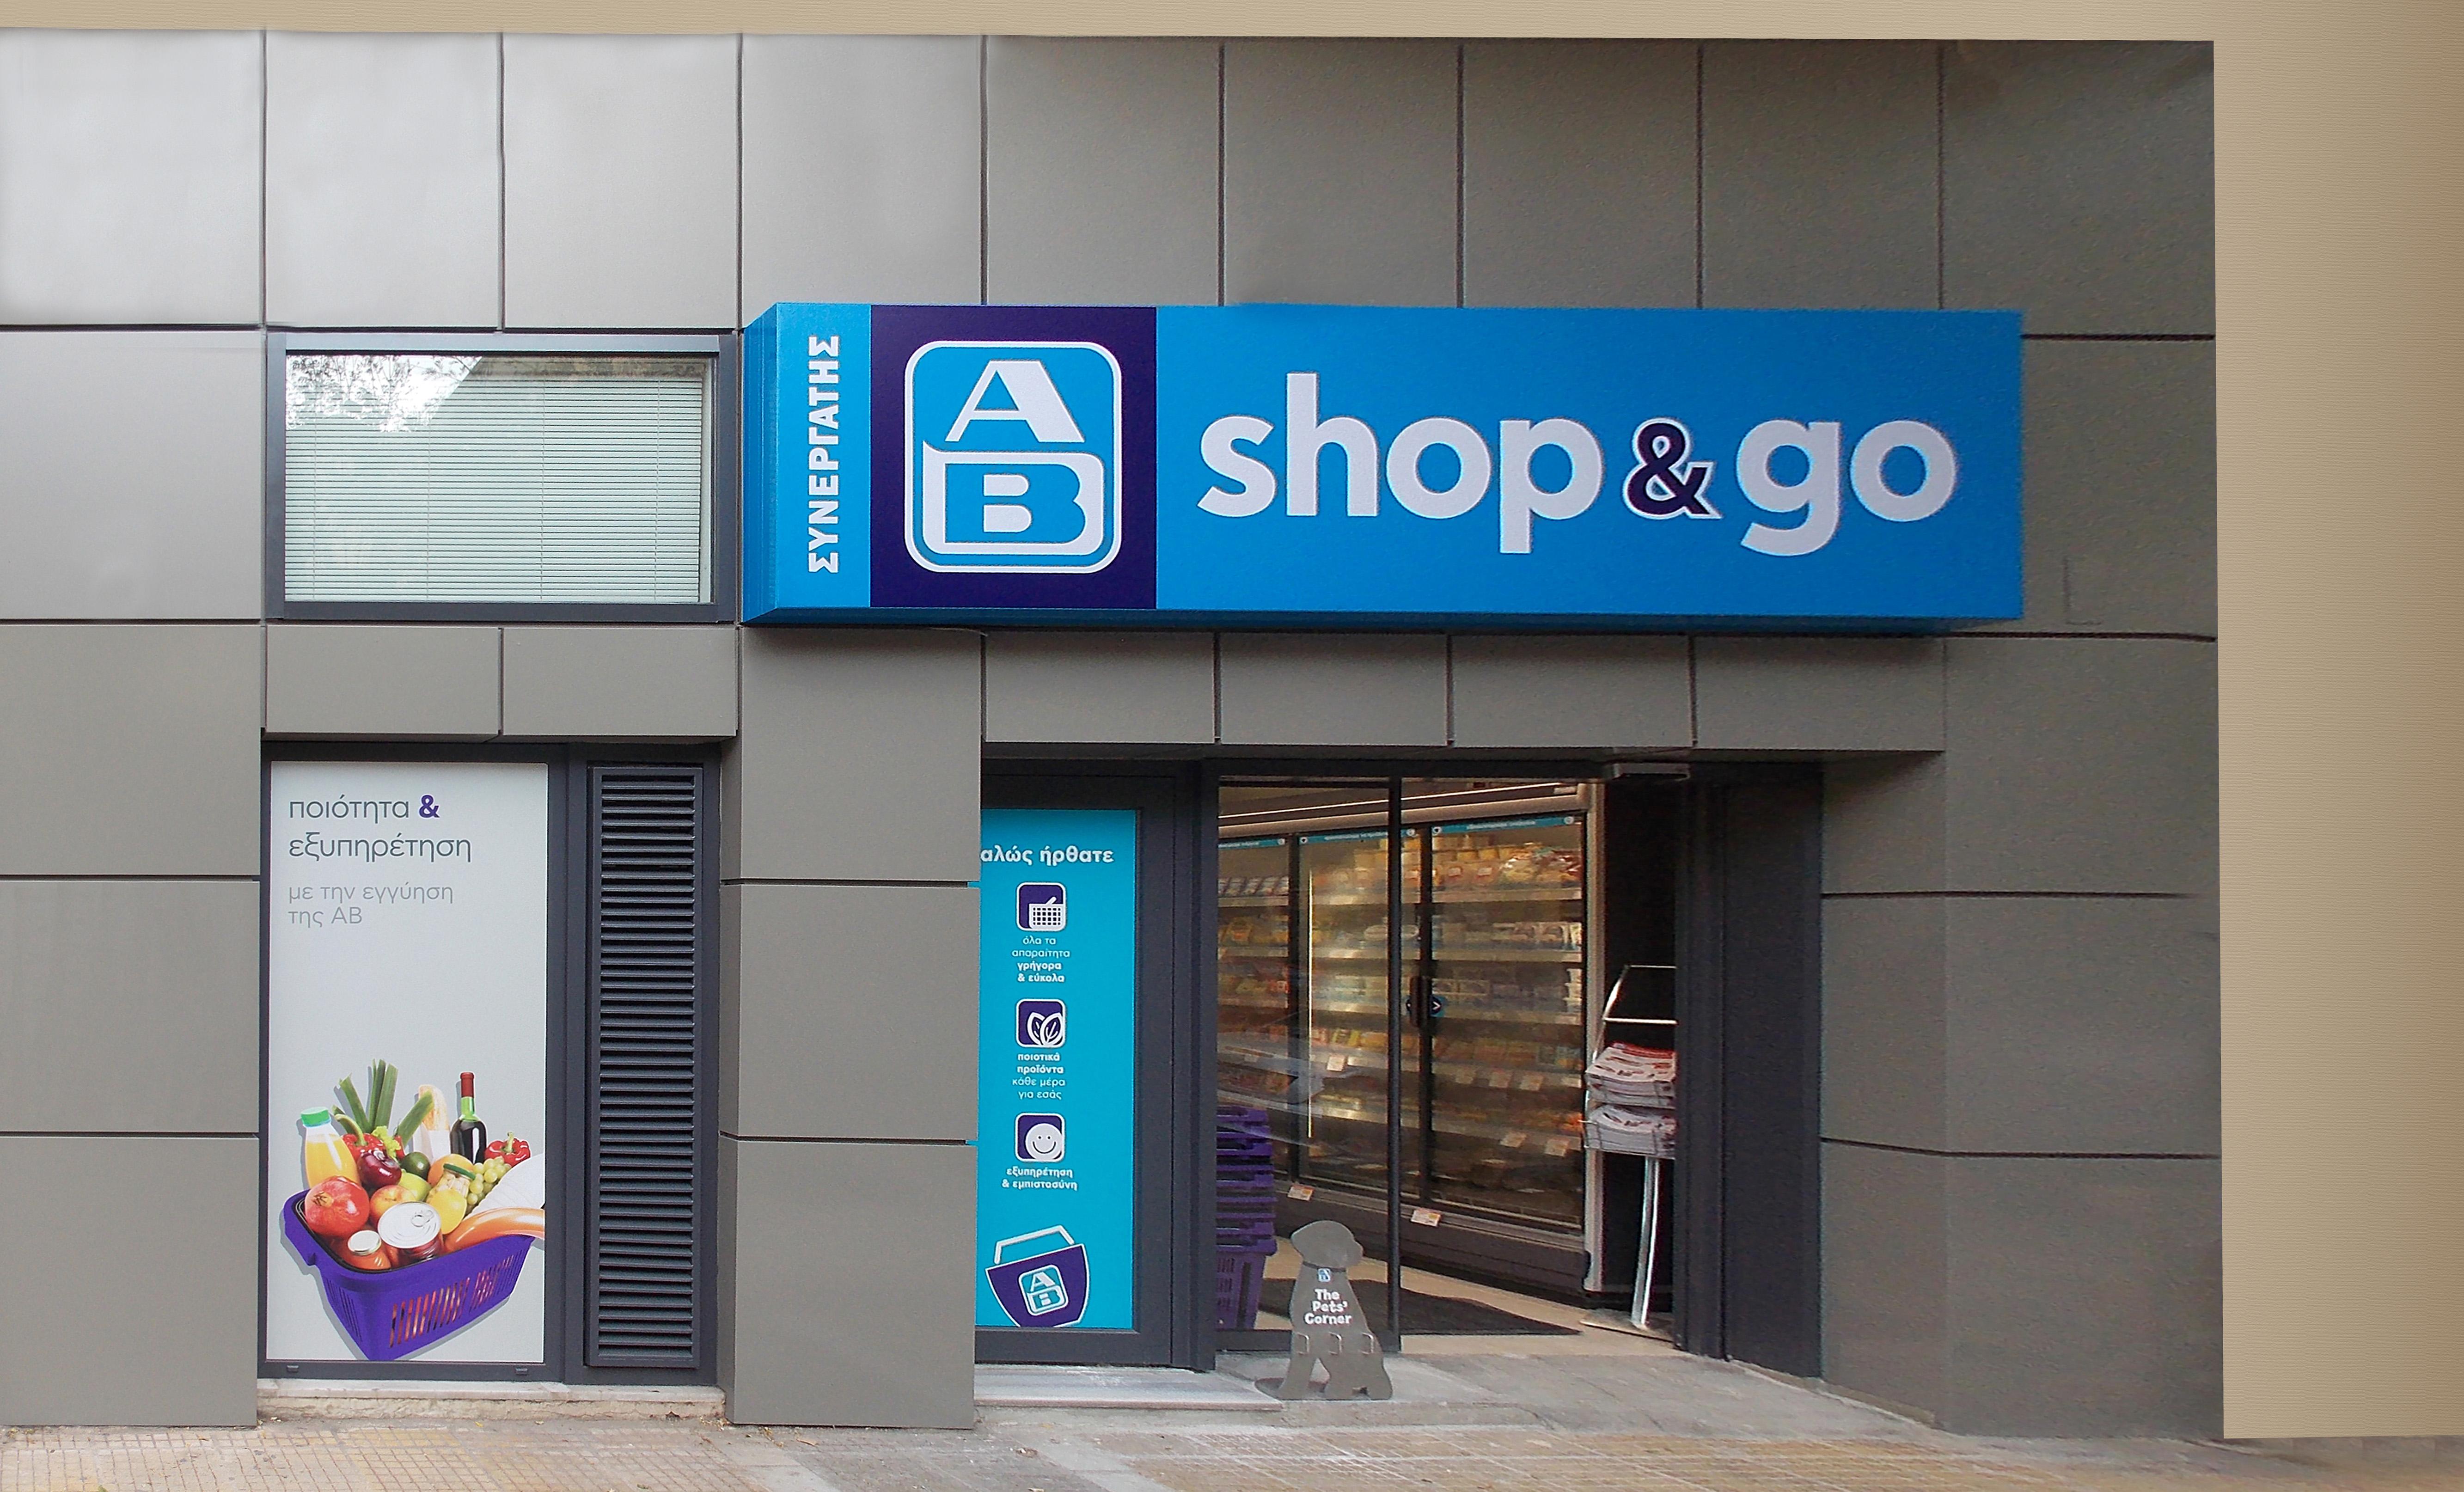 ΑΒ Shop & Go - ΑΒ Food Market: Μια ισχυρή συνεργασία με την υπογραφή αξιοπιστίας της ΑΒ Βασιλόπουλος, φωτογραφία-1